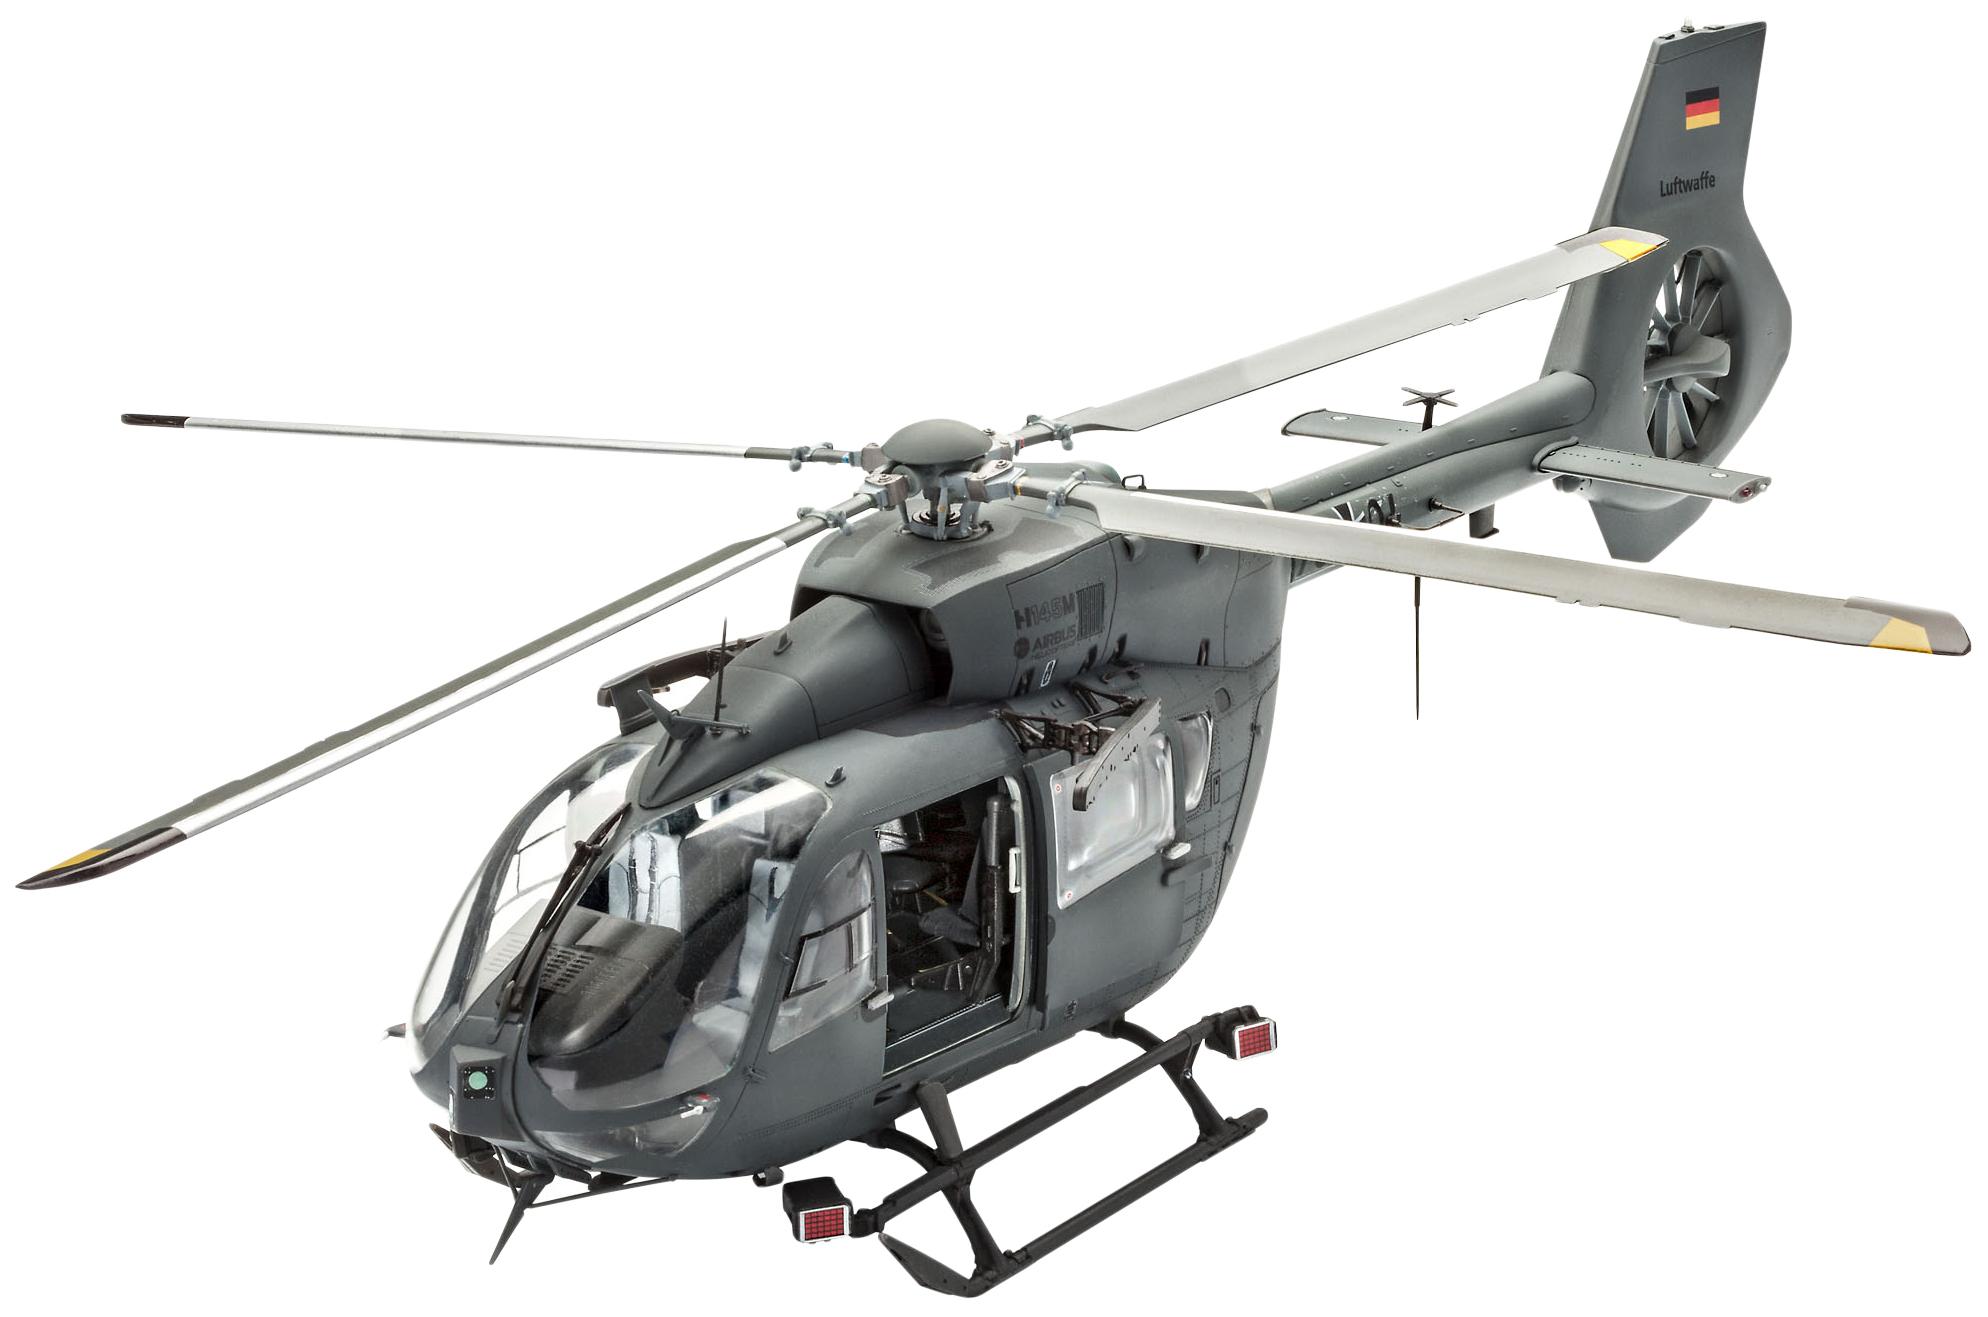 Купить Сборная модель вертолета H145M LUH KSK, 1:32 Revell, Модели для сборки